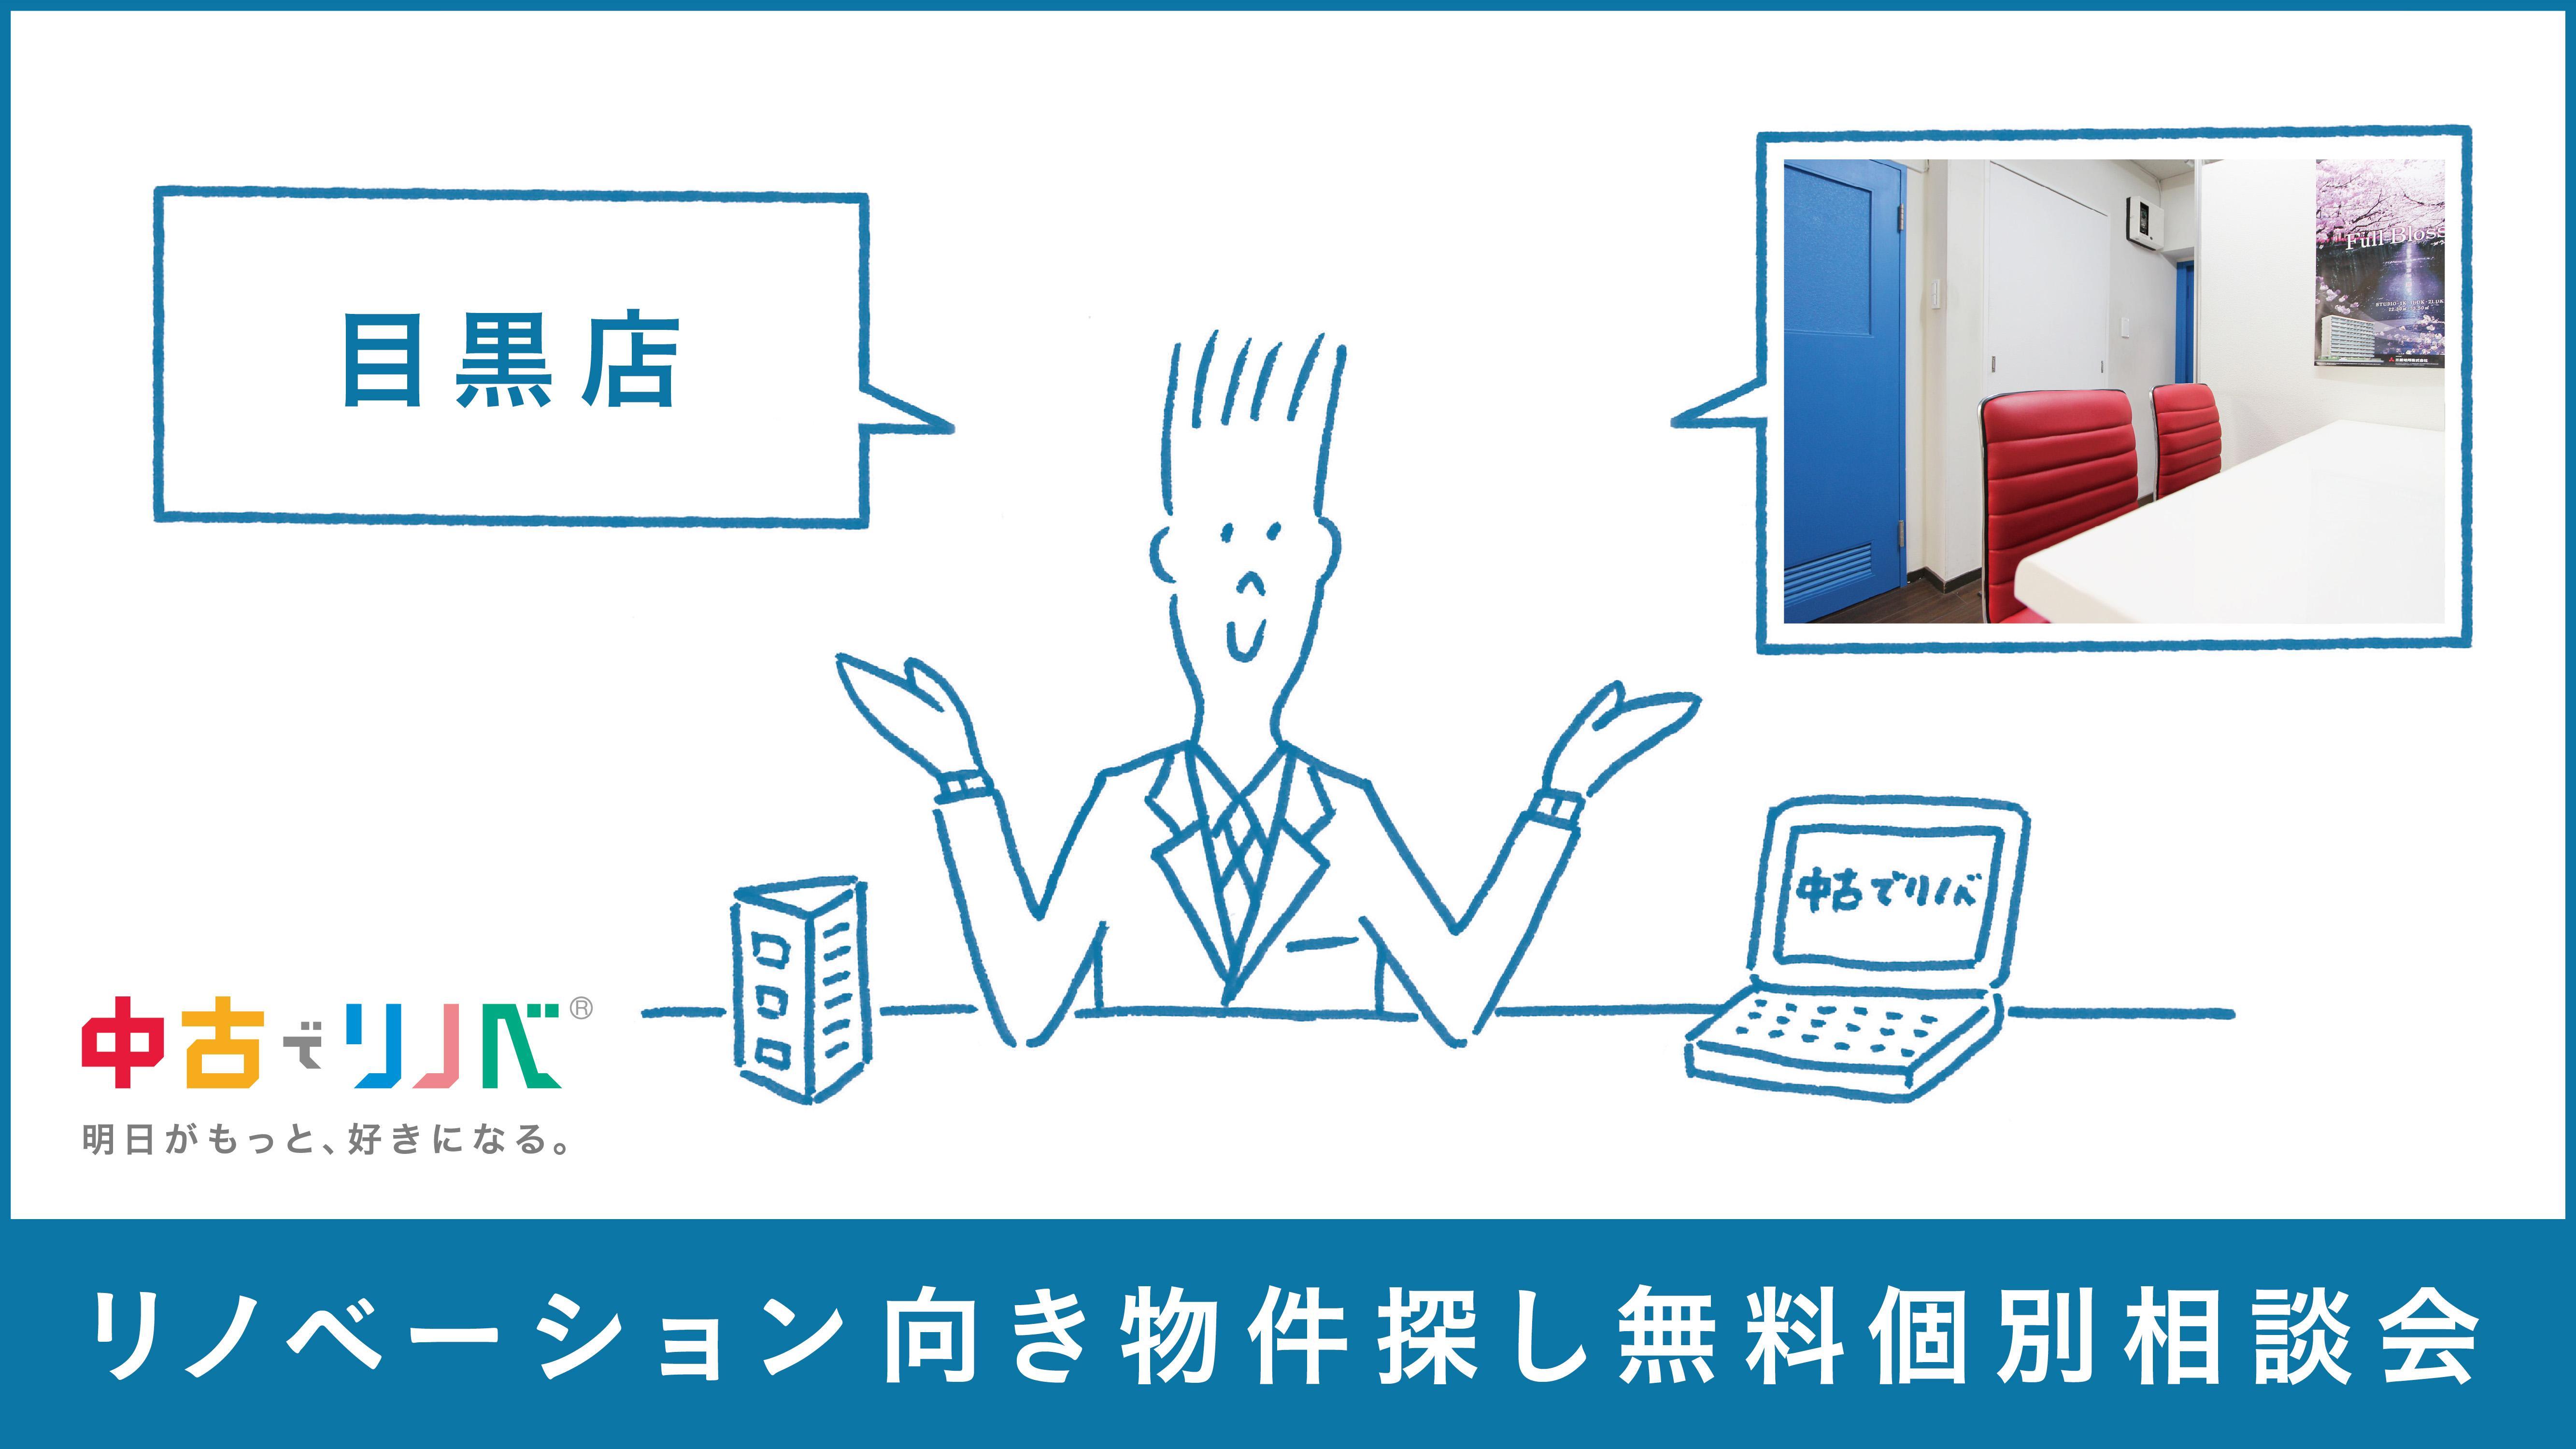 【10/7(土)8(日)9(月・祝) in目黒】リノベーション向き物件探し無料個別相談会